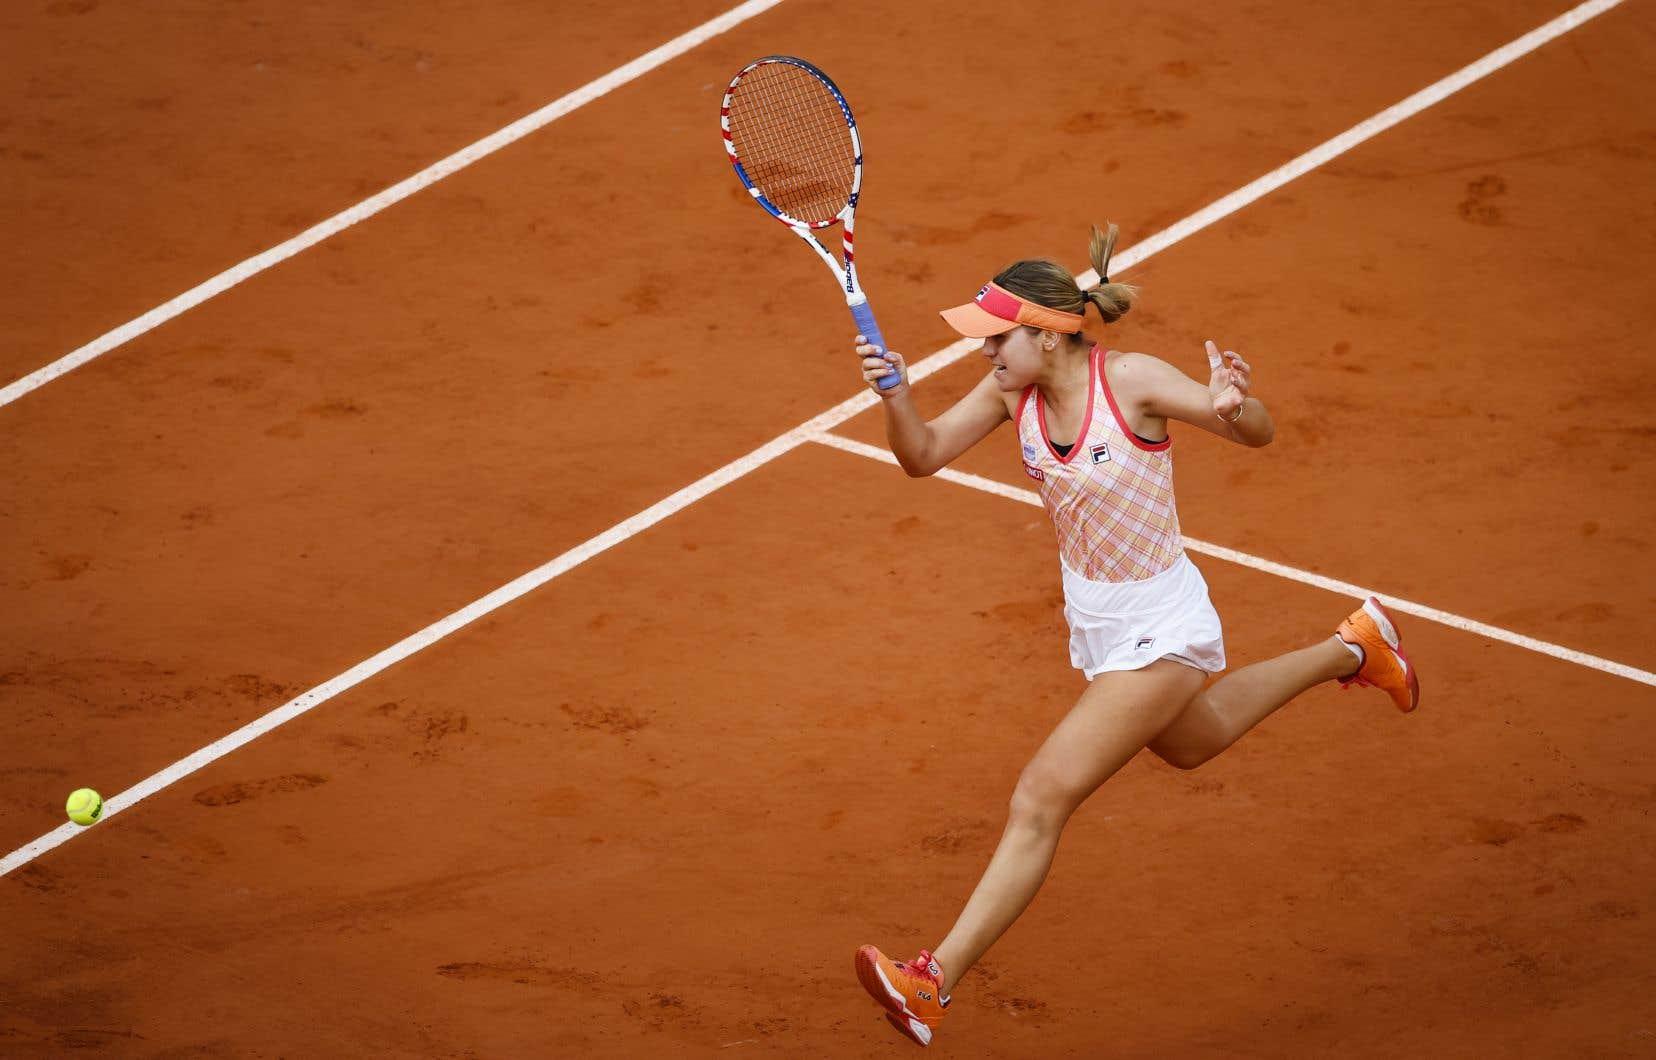 L'Américaine Sofia Kenin a disposé de la double championne de Wimbledon Petra Kvitova aux Internationaux de tennis de France.